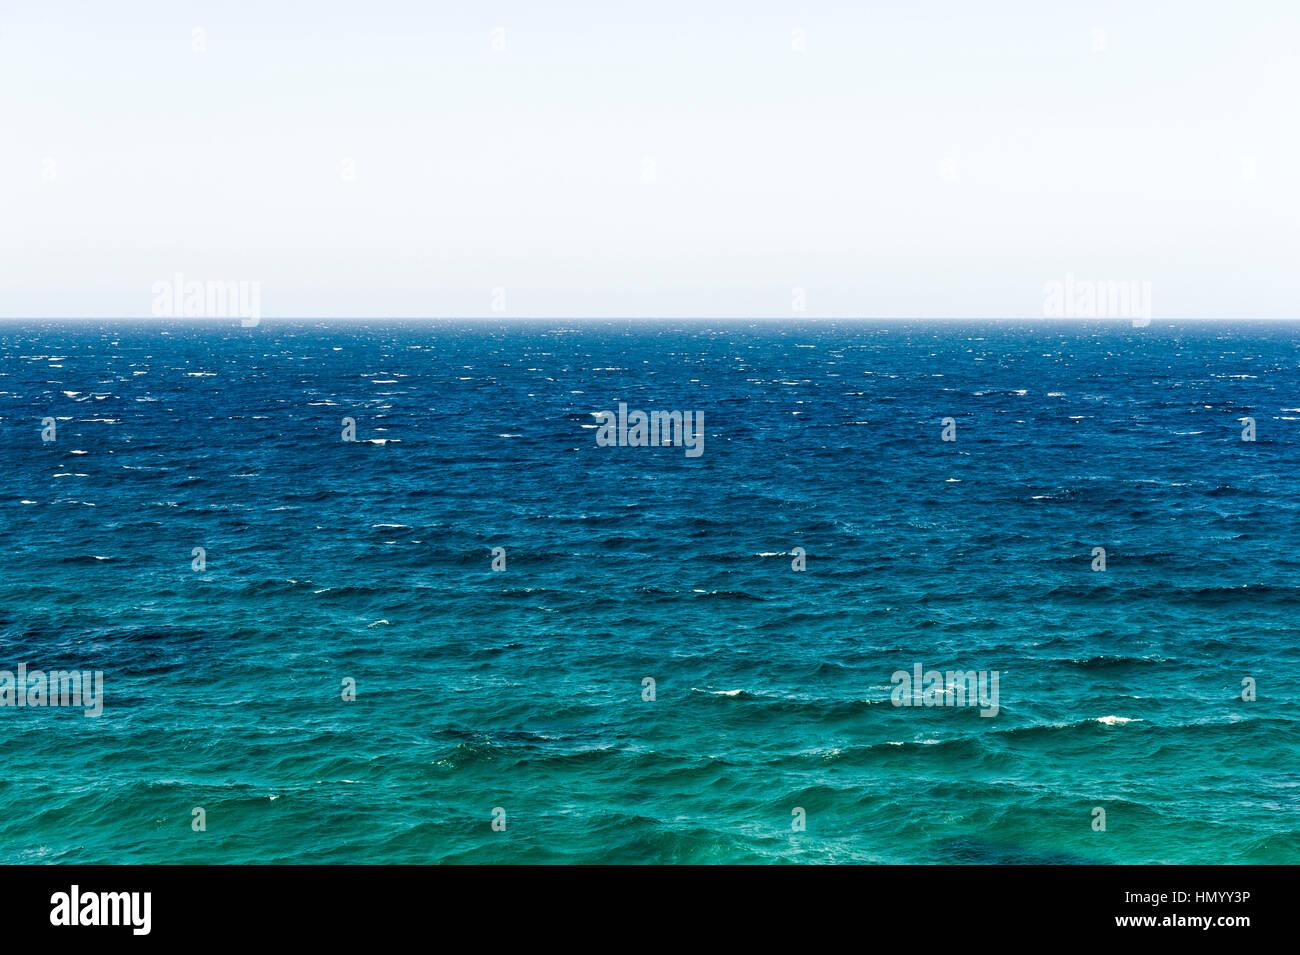 Il vento di superficie soffiata e orizzonte di un oceano turchese. Immagini Stock